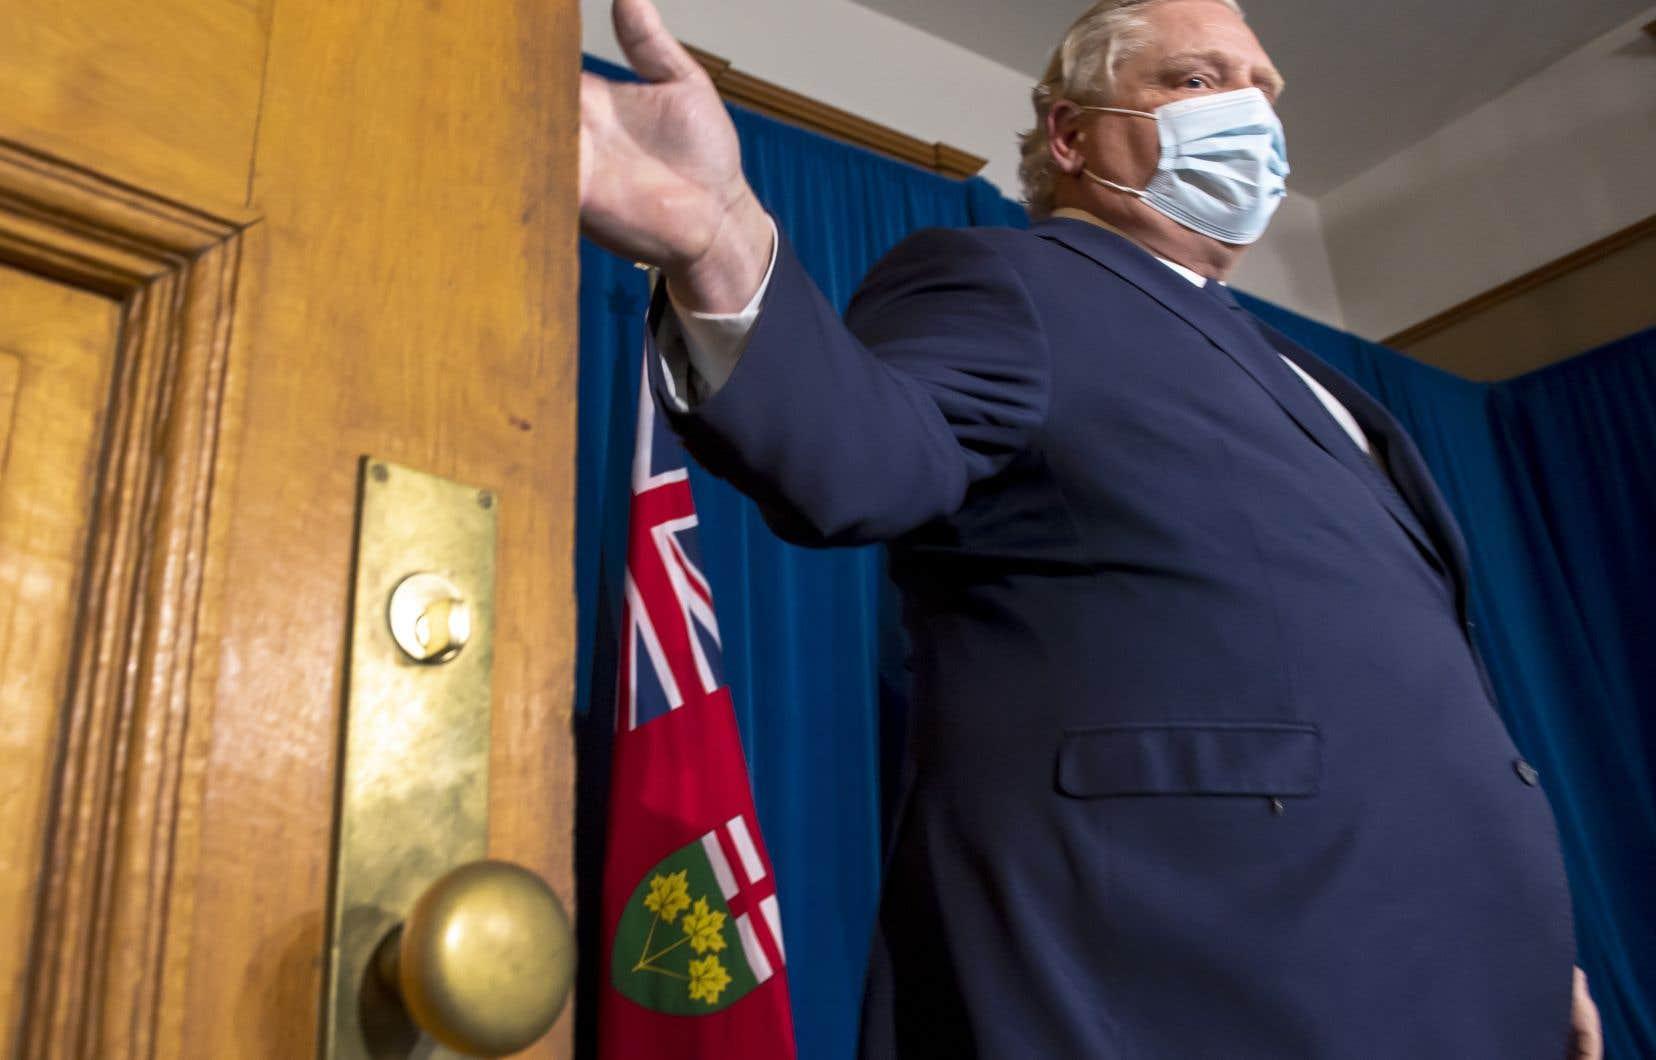 Le cabinet de M. Ford a pris la décision concernant l'ordre de maintien au domicile lors d'une réunion mardi soir.